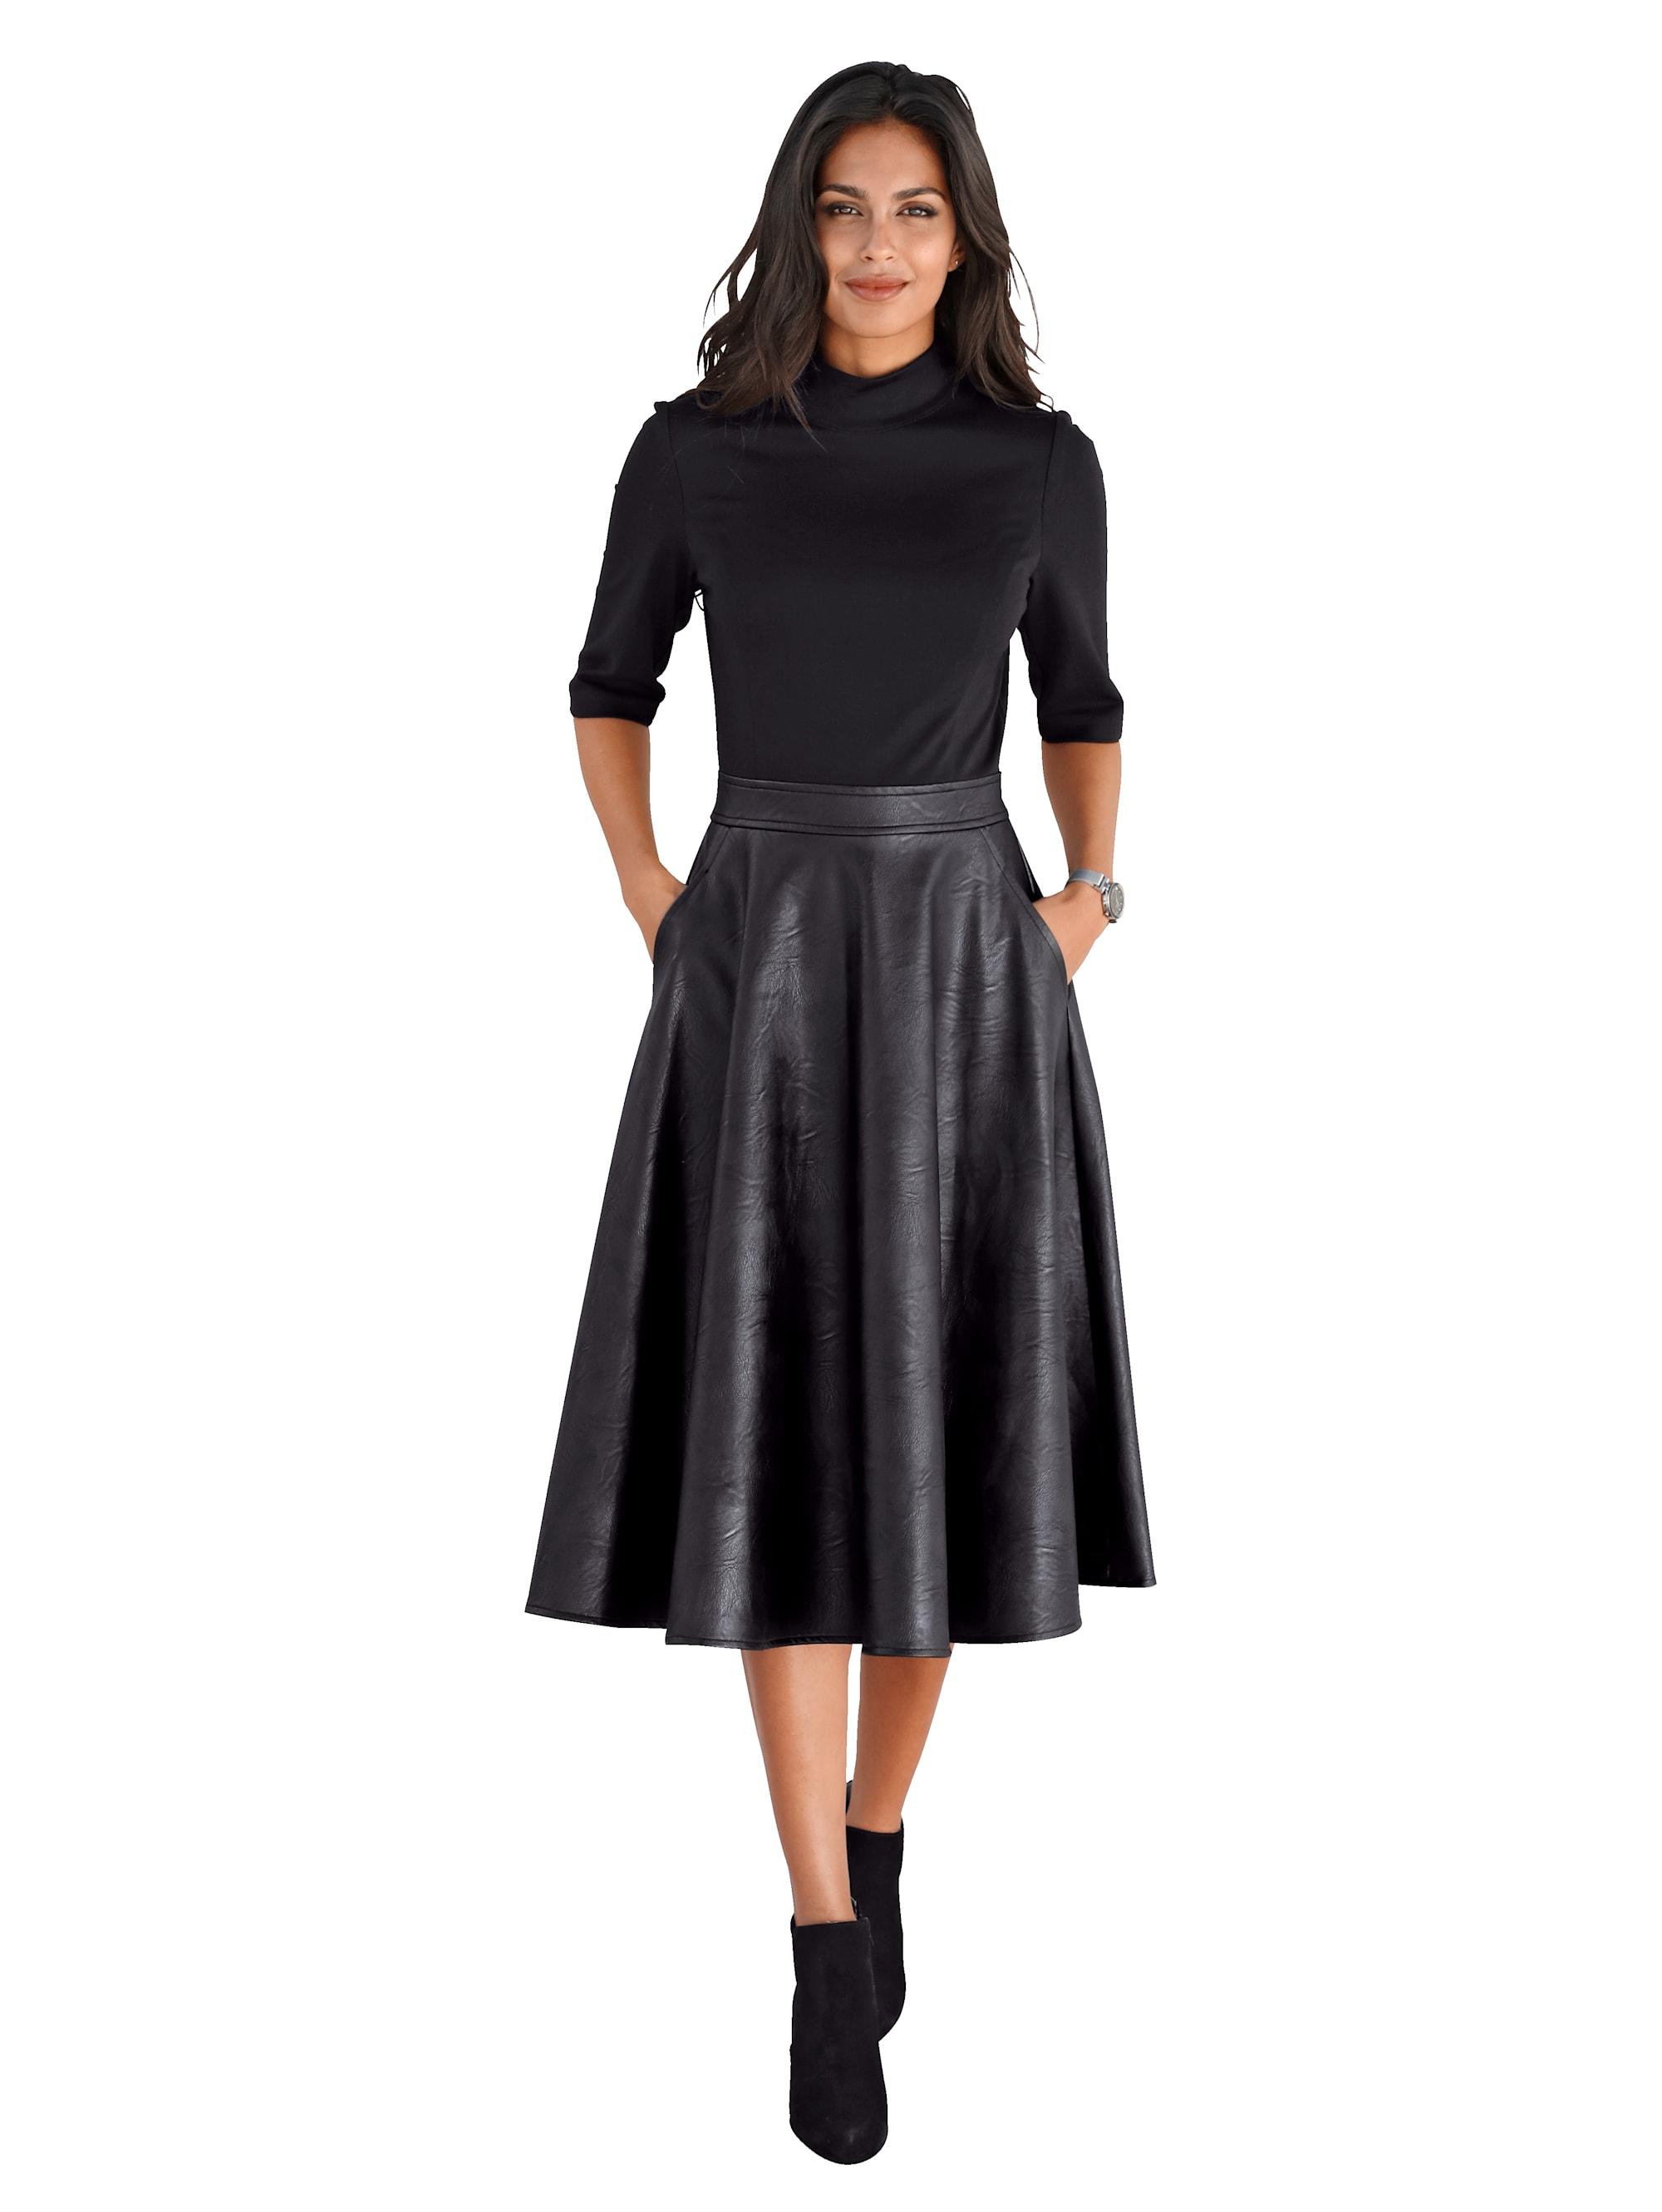 AMY VERMONT Kleid mit Rockteil aus Lederimitat BJ8h3 8A9Xw